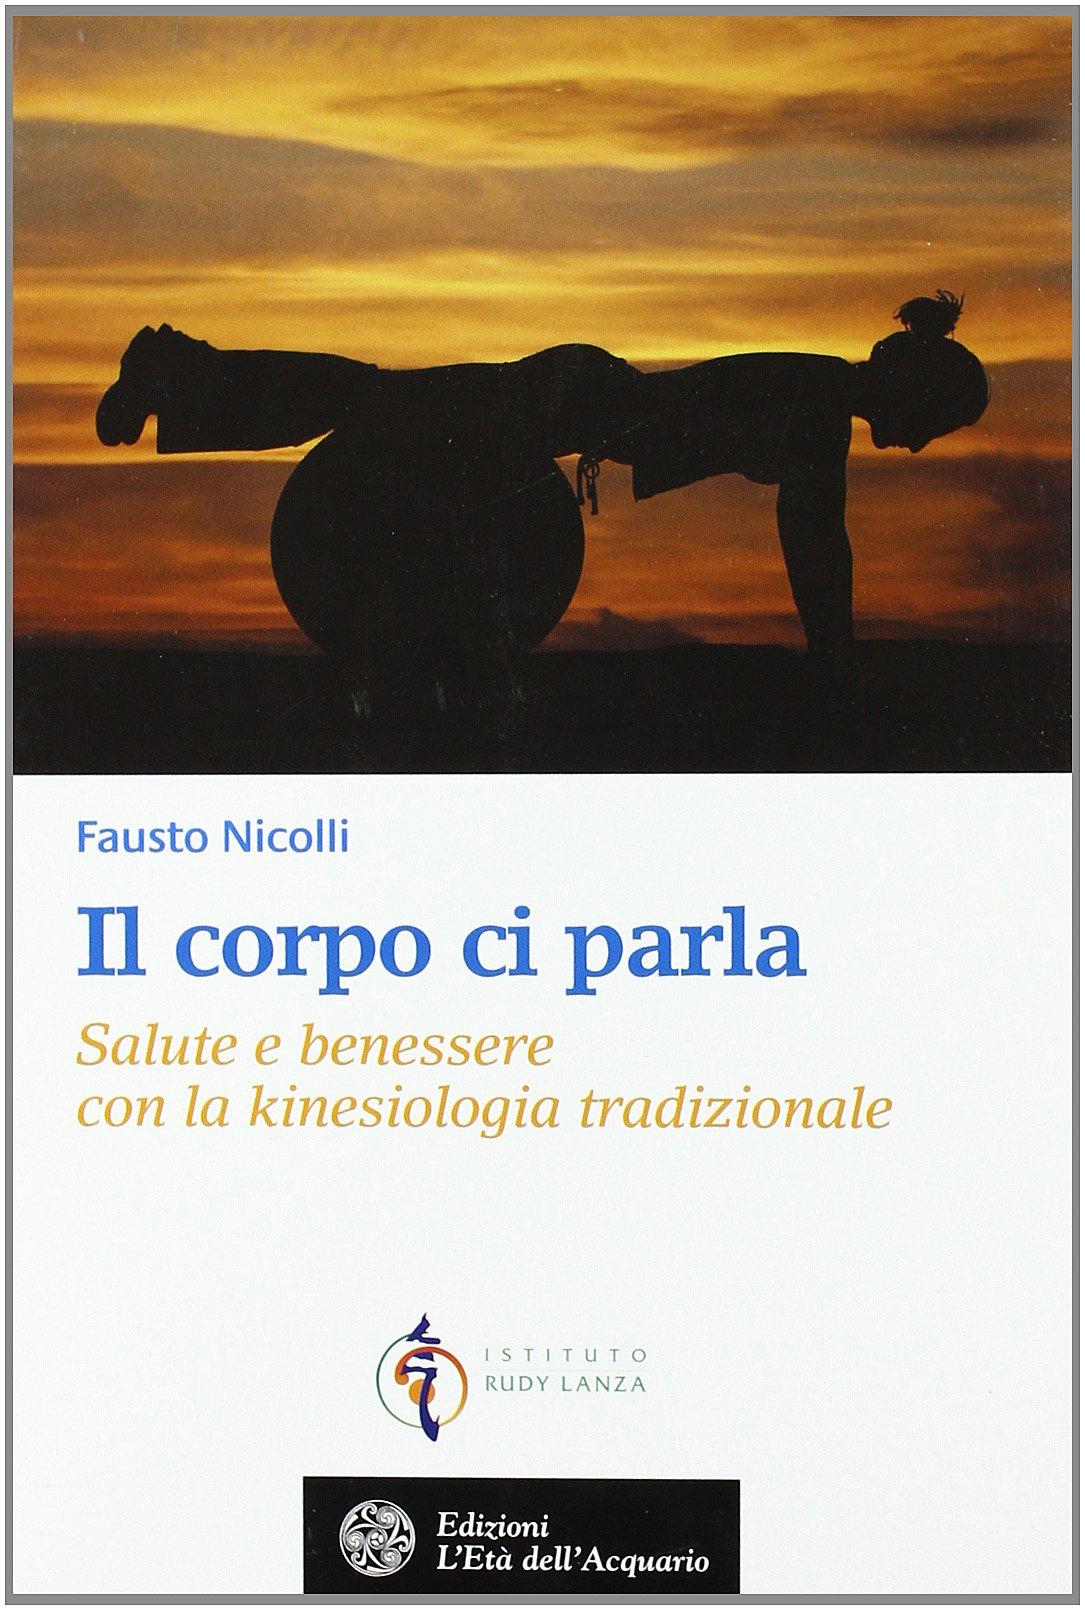 Libri Fausto Nicolli Il Corpo Ci Parla Salute E Benessere Con La Kinesiologia Ebay